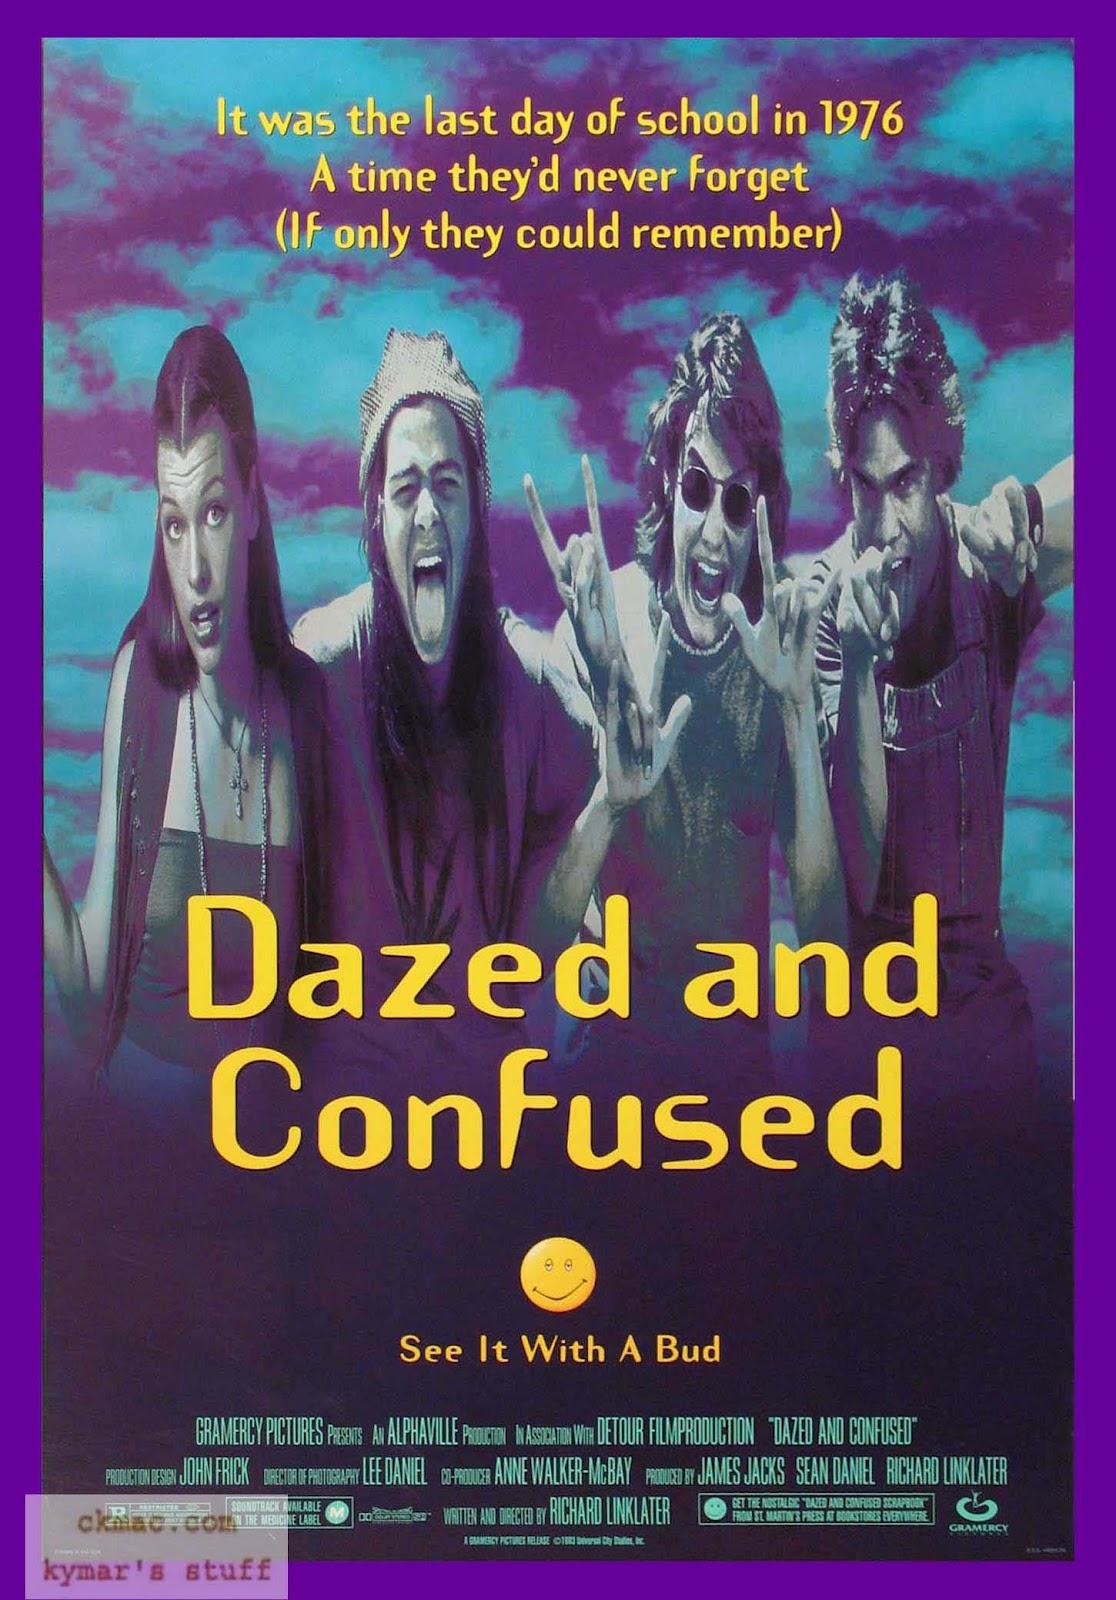 http://3.bp.blogspot.com/-GyL95VnTx2Y/UE0-ONDn9xI/AAAAAAAAEAA/EIuHgrNNgfI/s1600/30+-+Dazed+and+Confused+Poster.jpg